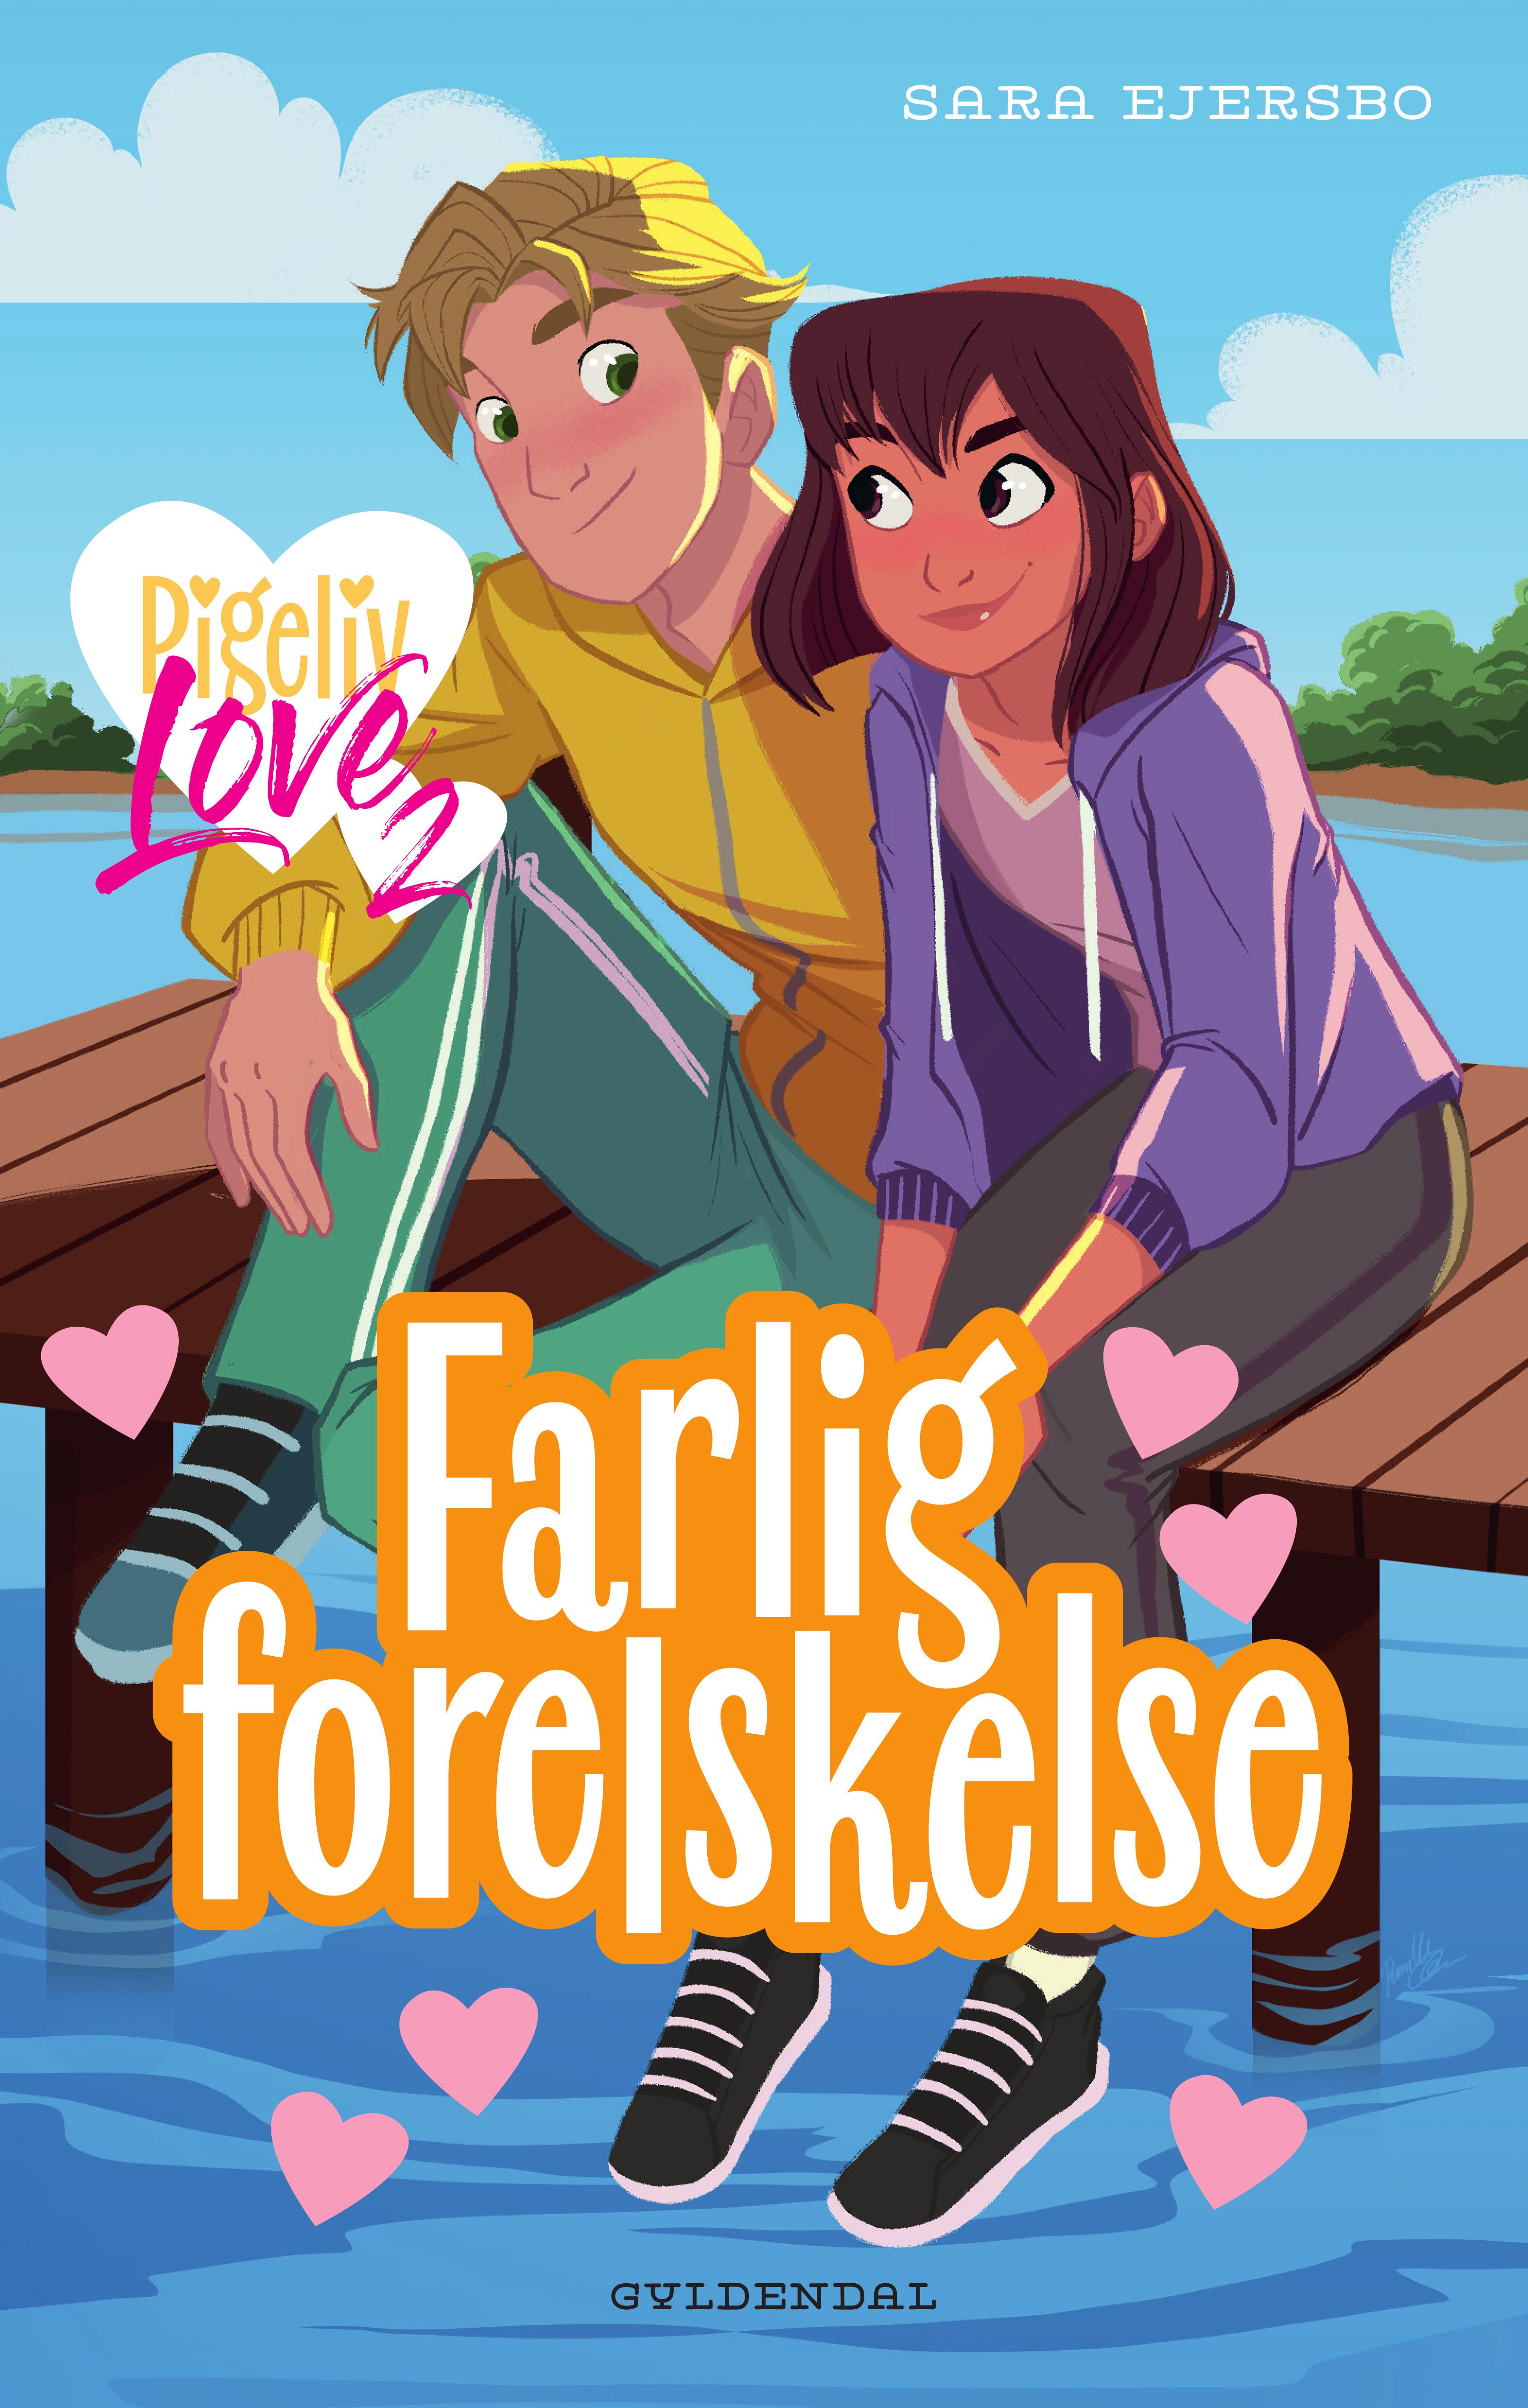 Pigeliv LOVE: Pigeliv LOVE 2 - Farlig forelskelse - Sara Ejersbo - Bøger - Gyldendal - 9788702301410 - 22/6-2020